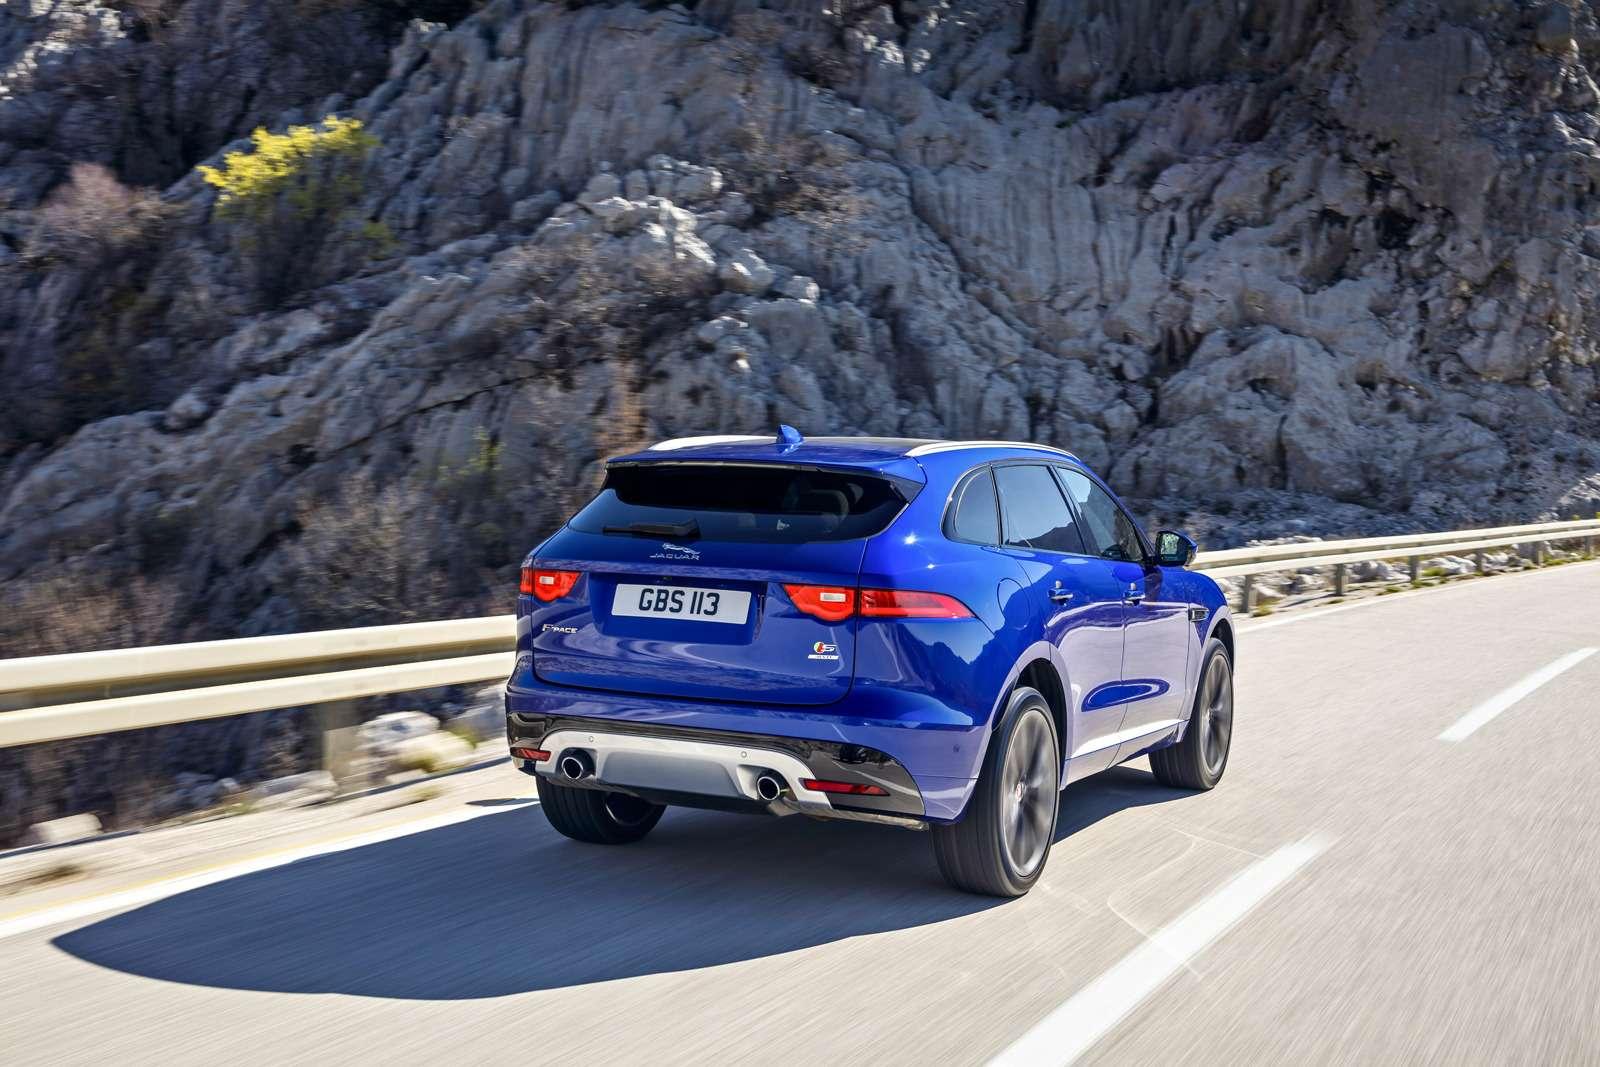 Первый тест нового кроссовера Jaguar F-Pace: пересечения— фото 597175